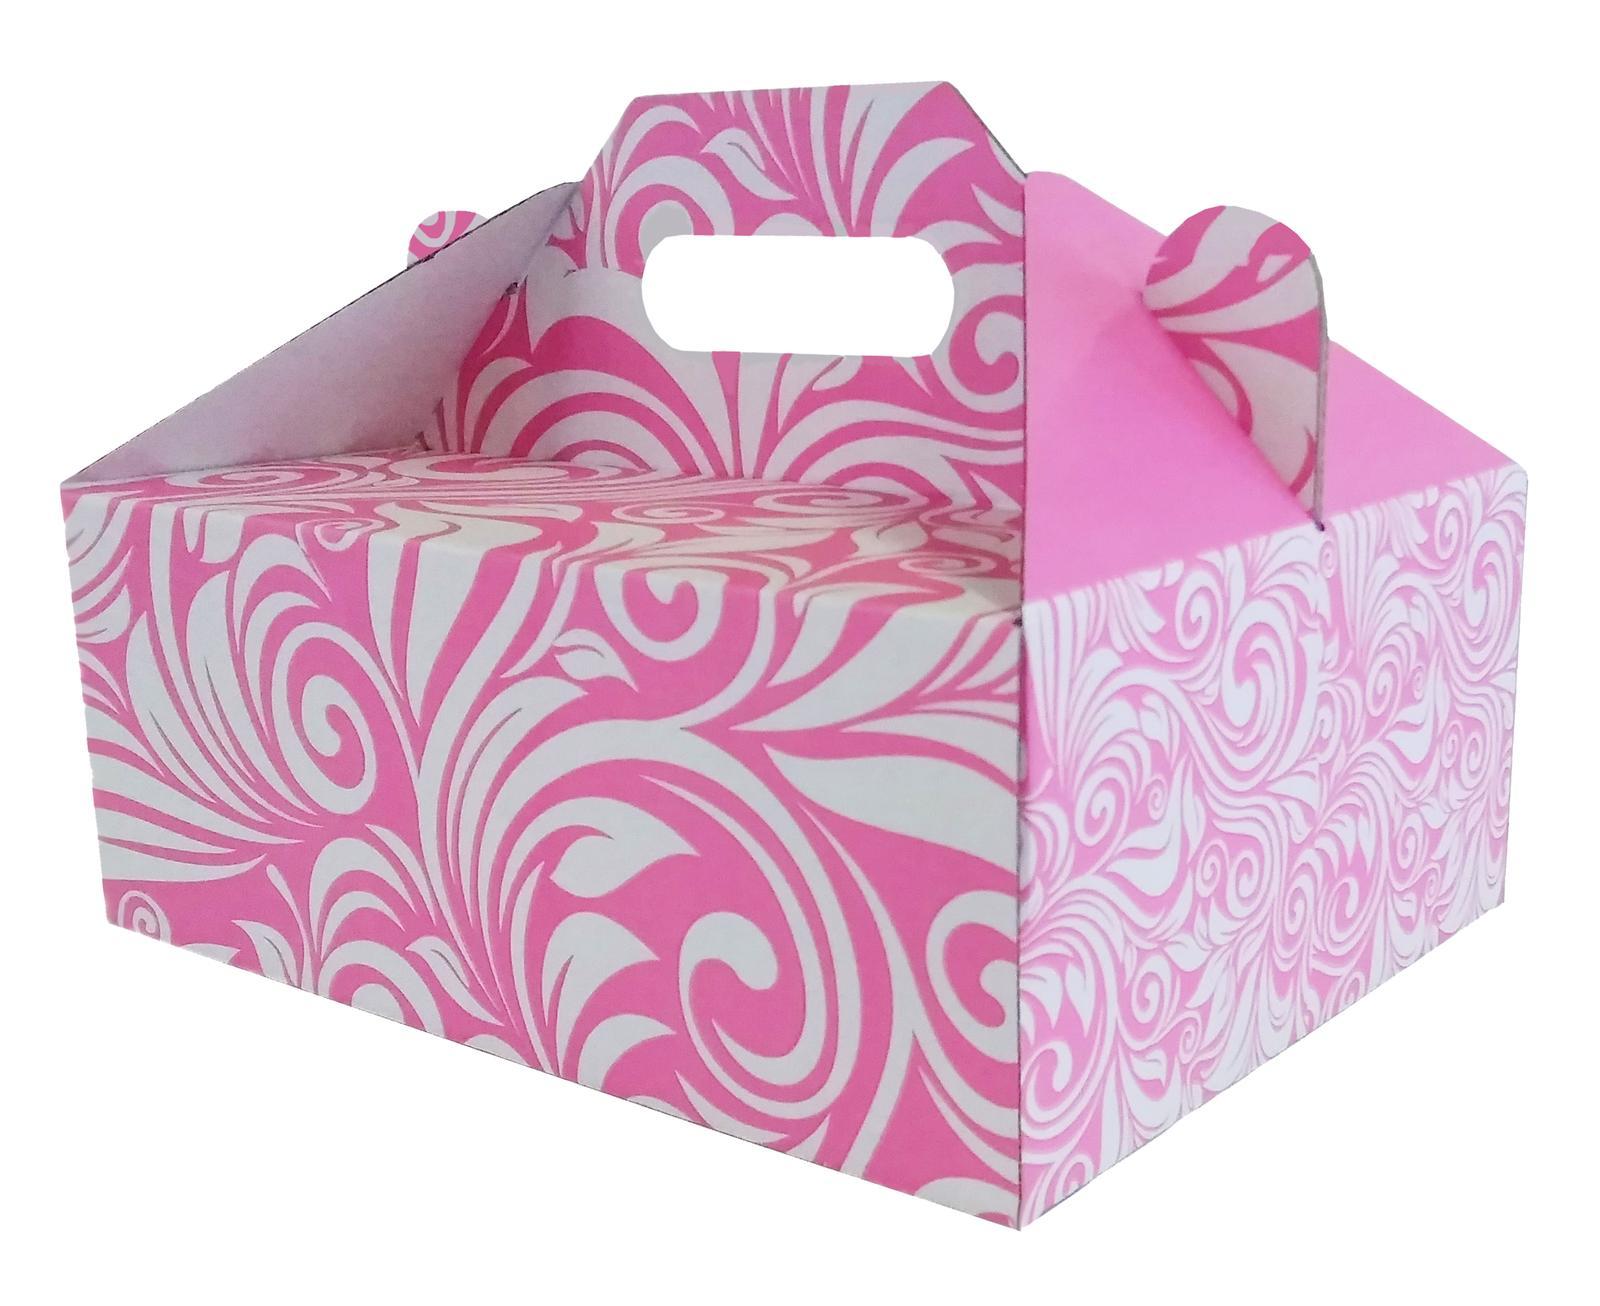 Krabice na zákusky s priamou potlačou - Obrázok č. 2